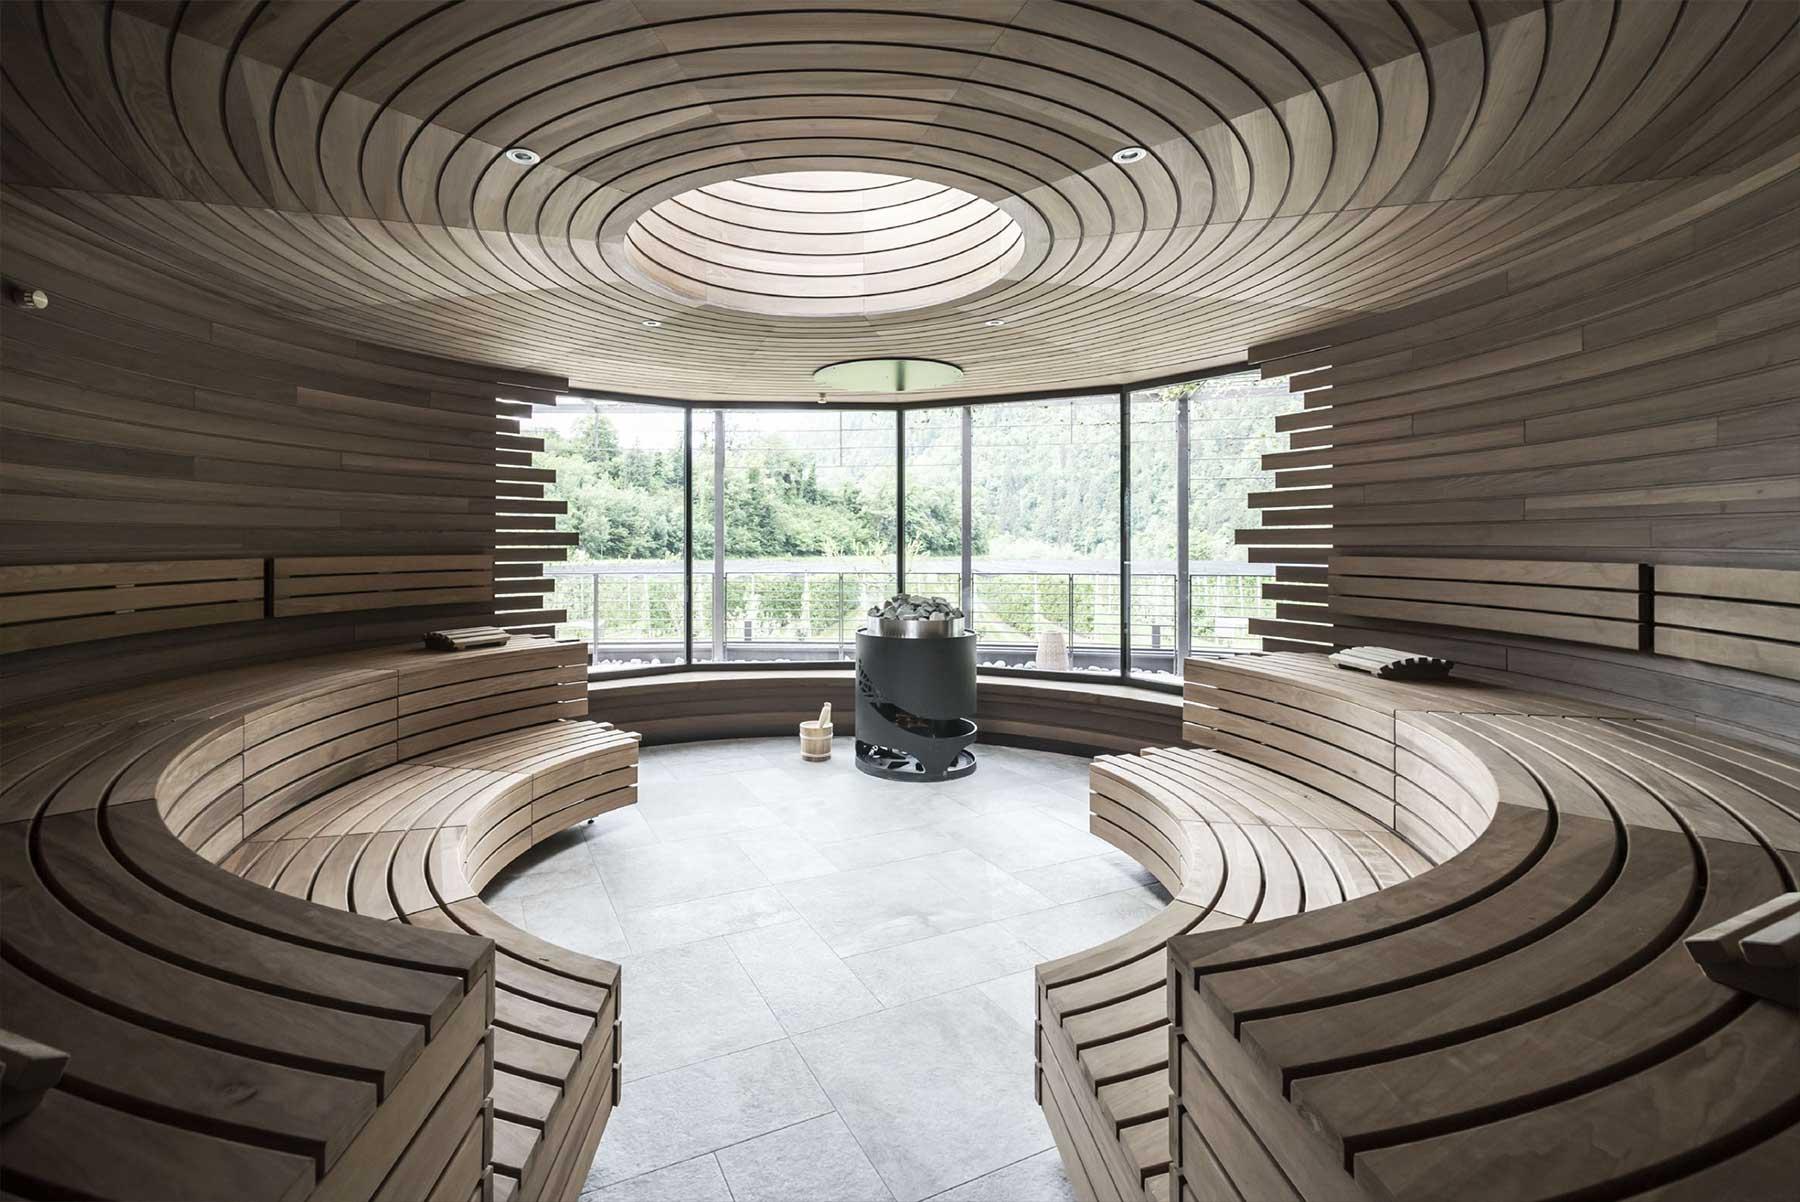 Architektur: Apfelhotel Torgglerhof Apfelhotel-Torgglerhof_03